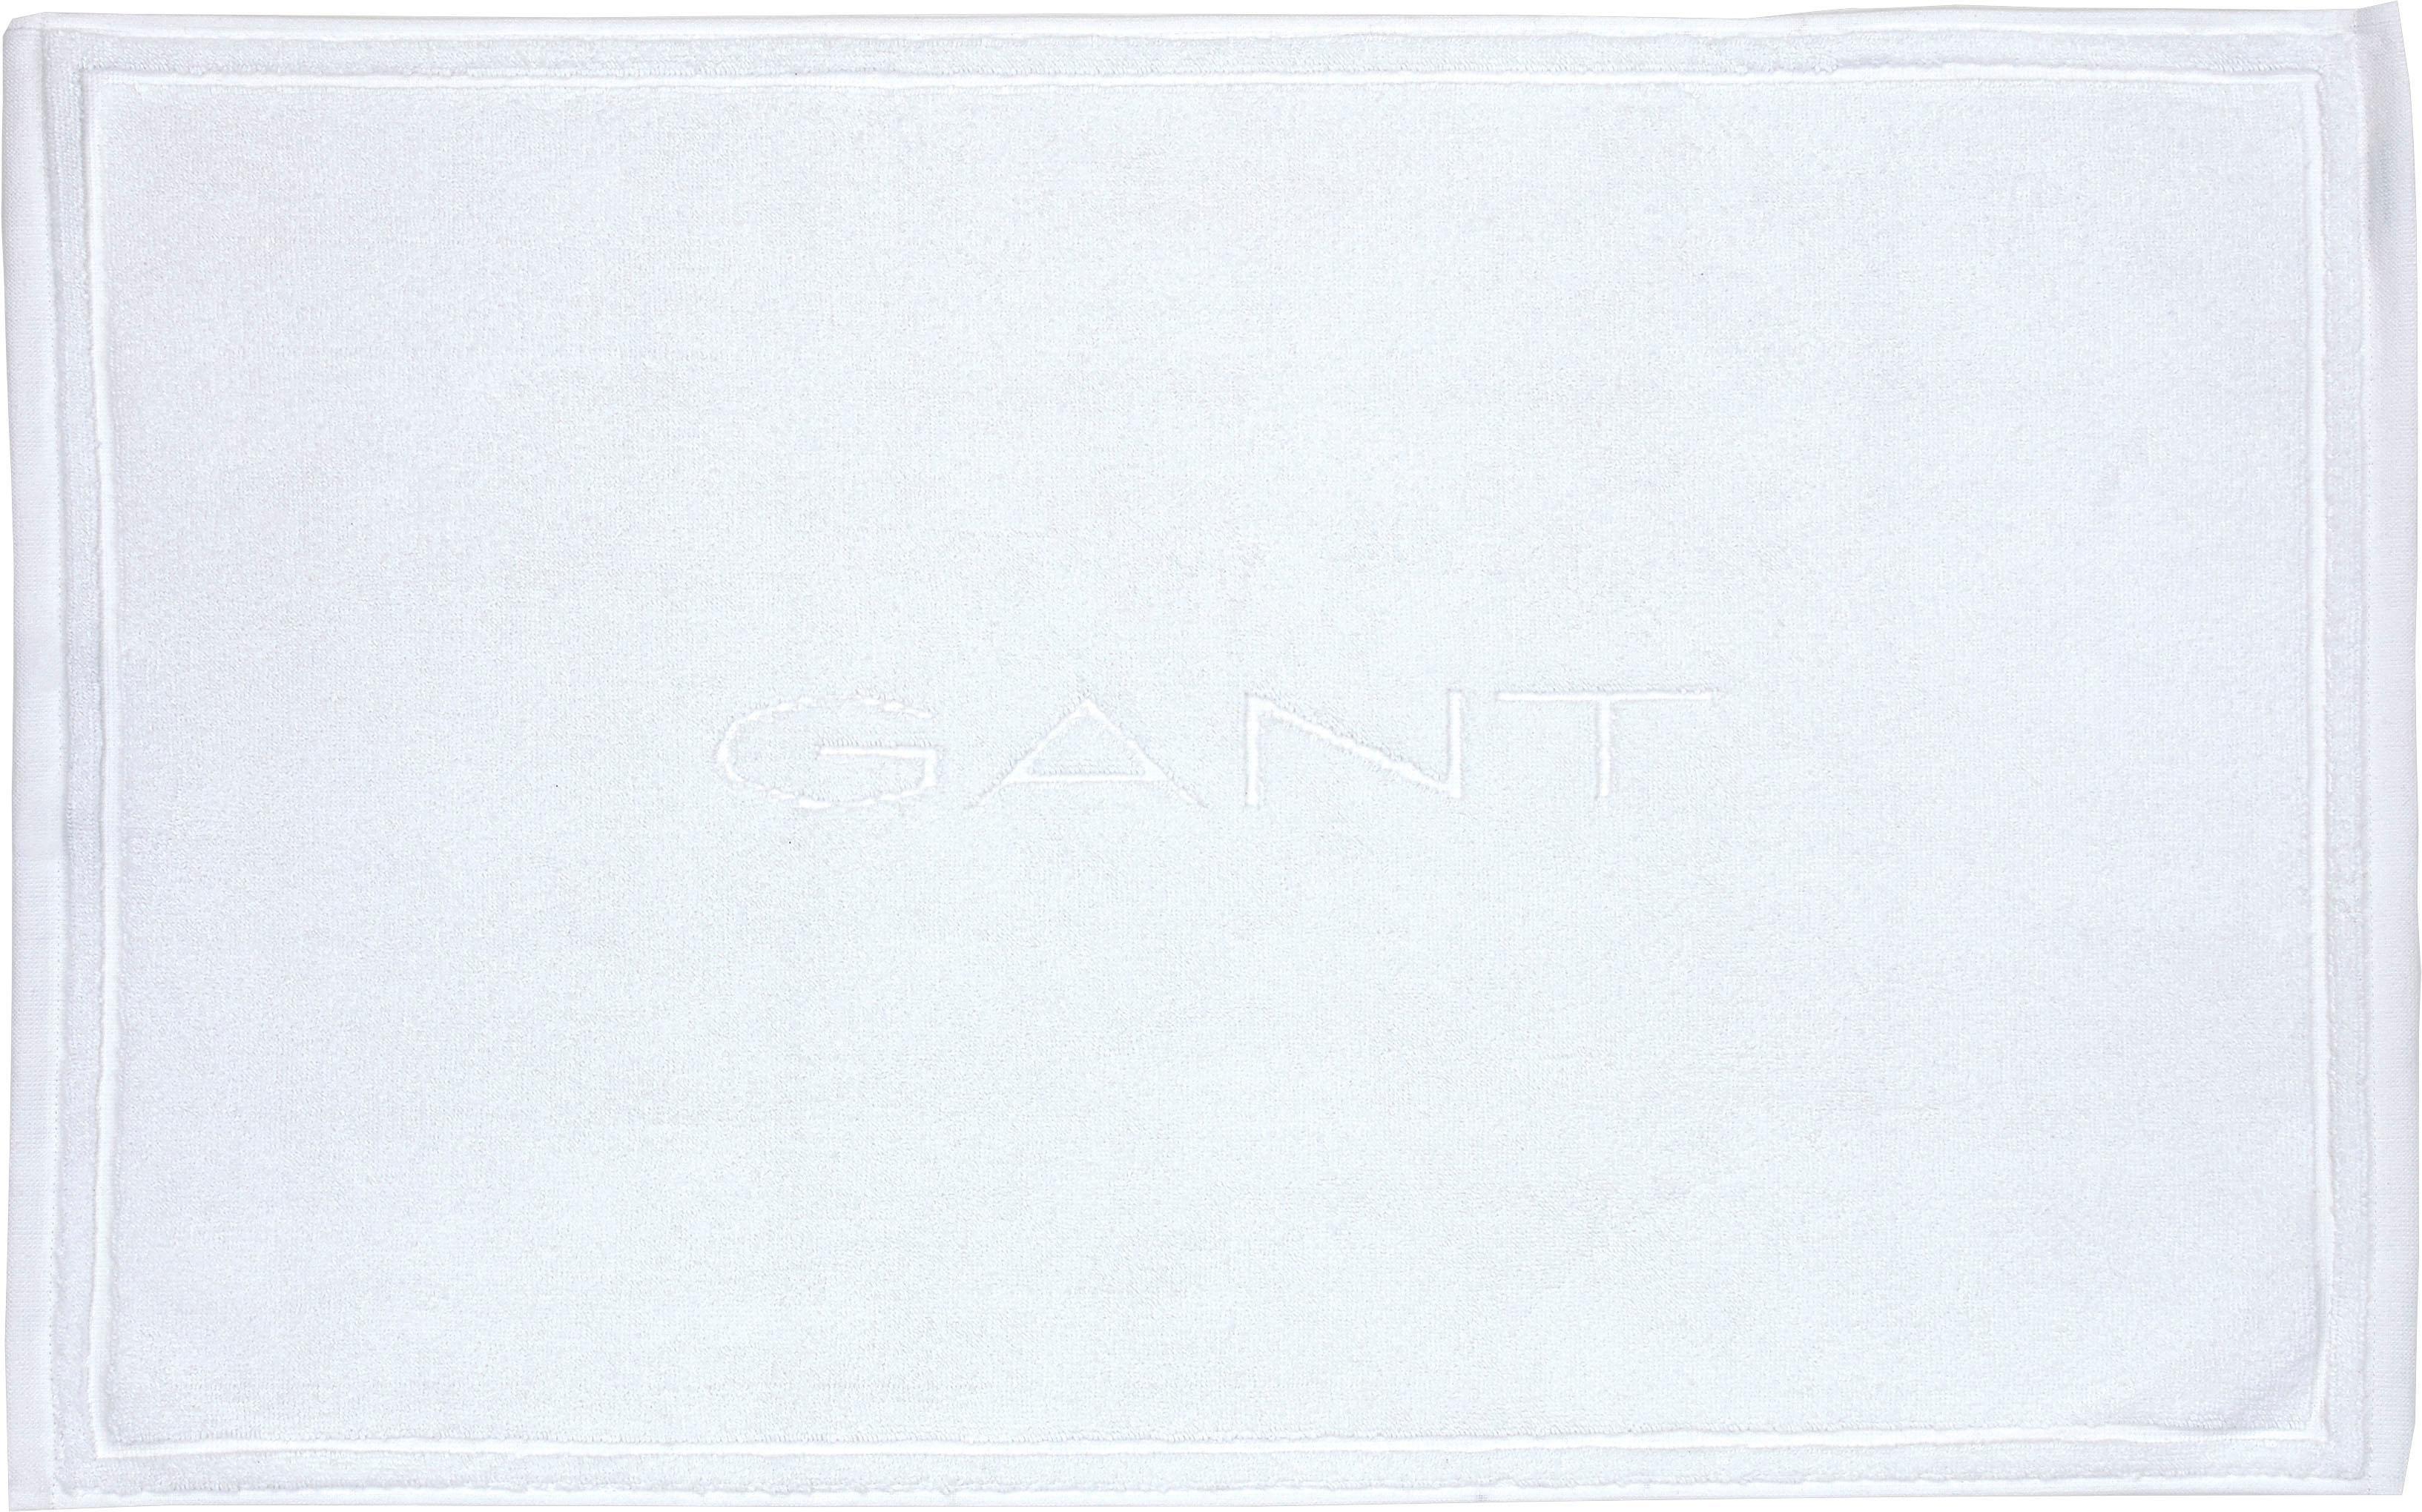 Badematte Showermat Gant Höhe 5 mm strapazierfähig